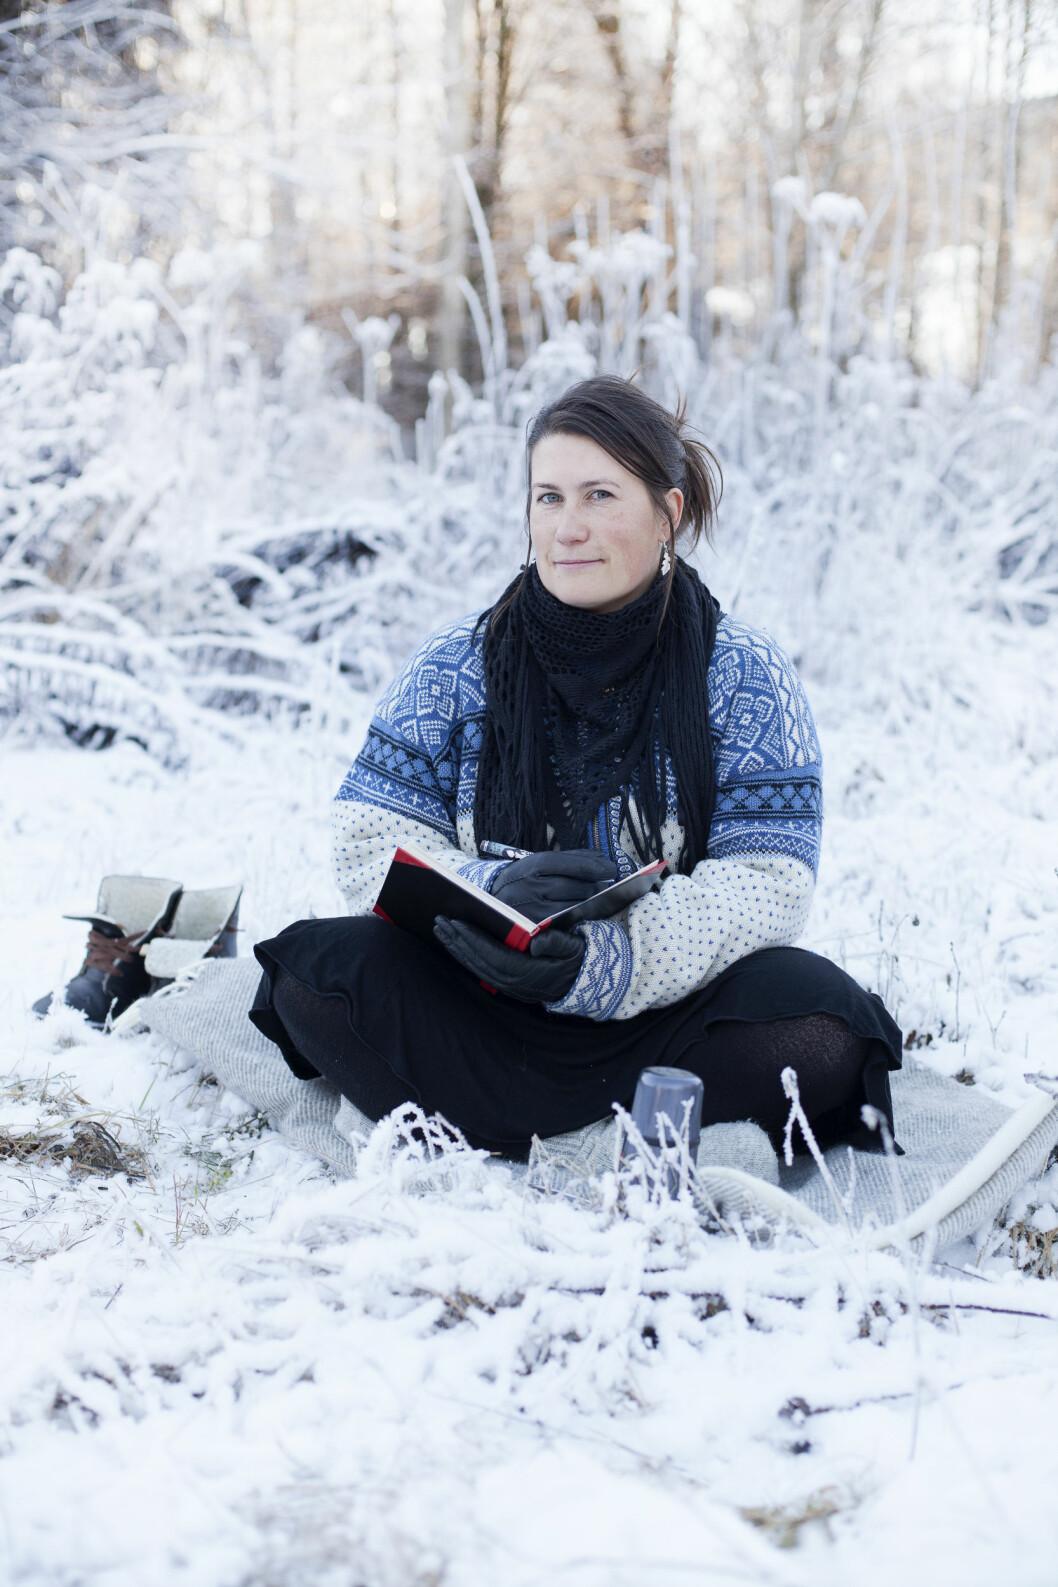 VIL LEVE ENKELT: Alexandra Strand fant roen på stillhetsretreat i Italia. Nå vil hun leve et enklere liv, og drømmer om å gå pilegrimsvandring alene. Foto: Anne Elisabeth Næss